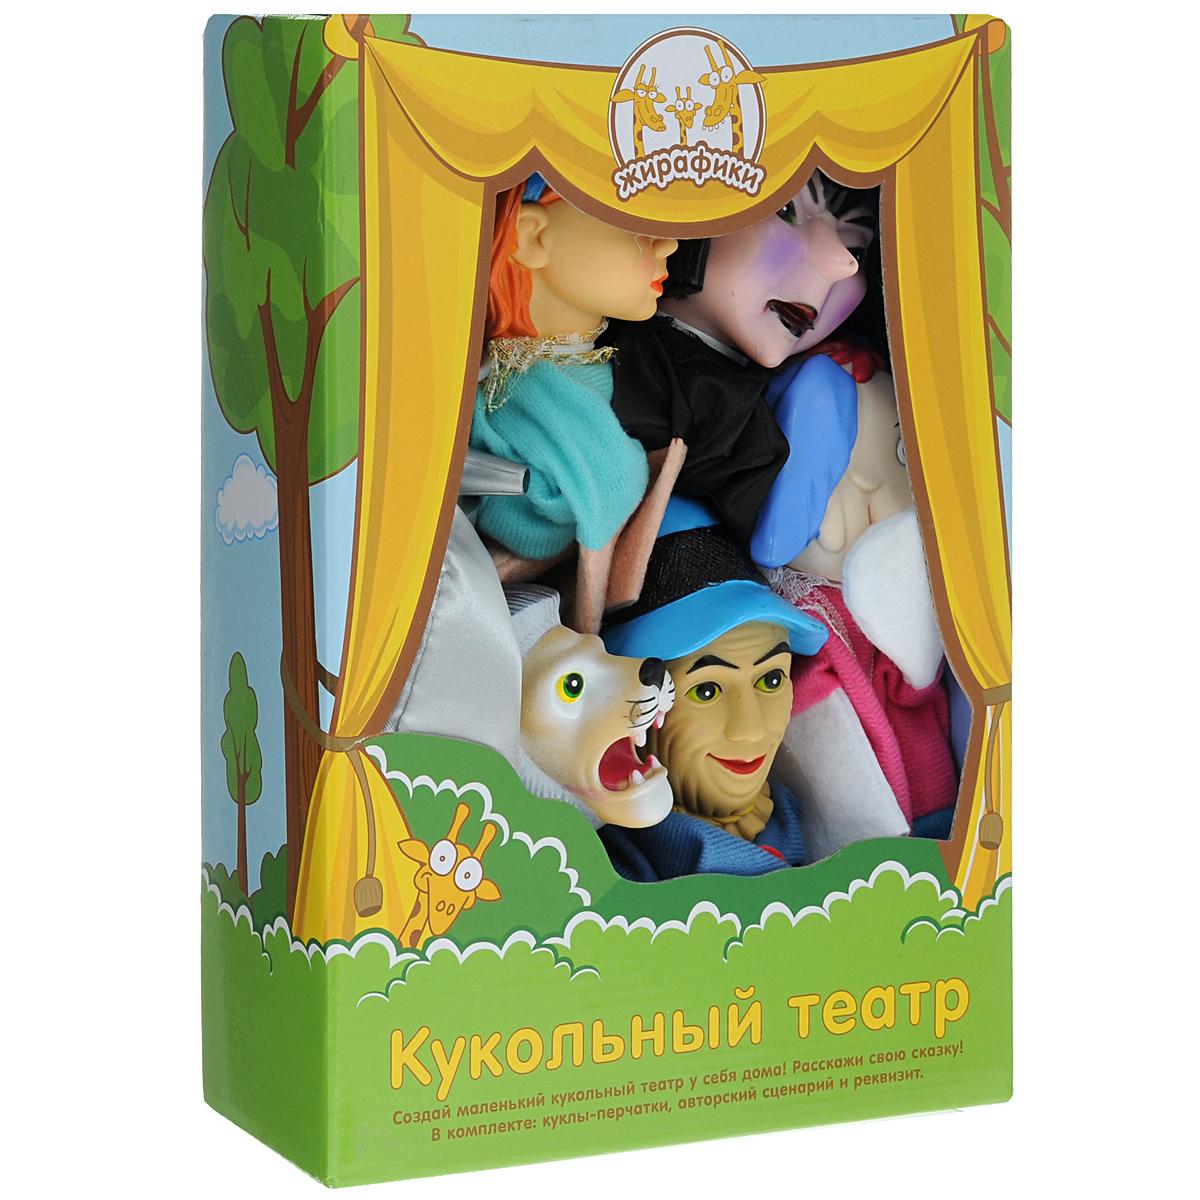 Жирафики Кукольный театр Волшебник Изумрудного города, 6 кукол68323Кукольный театр Жирафики Волшебник Изумрудного города - это веселая игра-театрализация для развития речи и логопедических занятий с детьми в возрасте от 3 лет. С помощью него вы с малышом сможете поставить несложные мини-спектакли на любой ровной поверхности. В комплект входят куклы, выполненные в виде героев сказки Волшебник Изумрудного города: Элли, Тотошки, Страшилы, Льва, Железного дровосека и Бастинды. Игрушки выполнены из приятных на ощупь текстильных материалов, головы - из пластика. Надевая куклу на руку, вы сможете показывать различные сценки из любимой сказки или собственные придуманные истории. Благодаря среднему размеру куклы легко надеваются как на детскую, так и на взрослую руку. В коробке вы найдете все необходимое для инсценировки сказки: шесть кукол, картонную декорацию в виде горы, а также инструкцию на русском языке с сокращенным текстом сказки и подробными методическими рекомендациями.